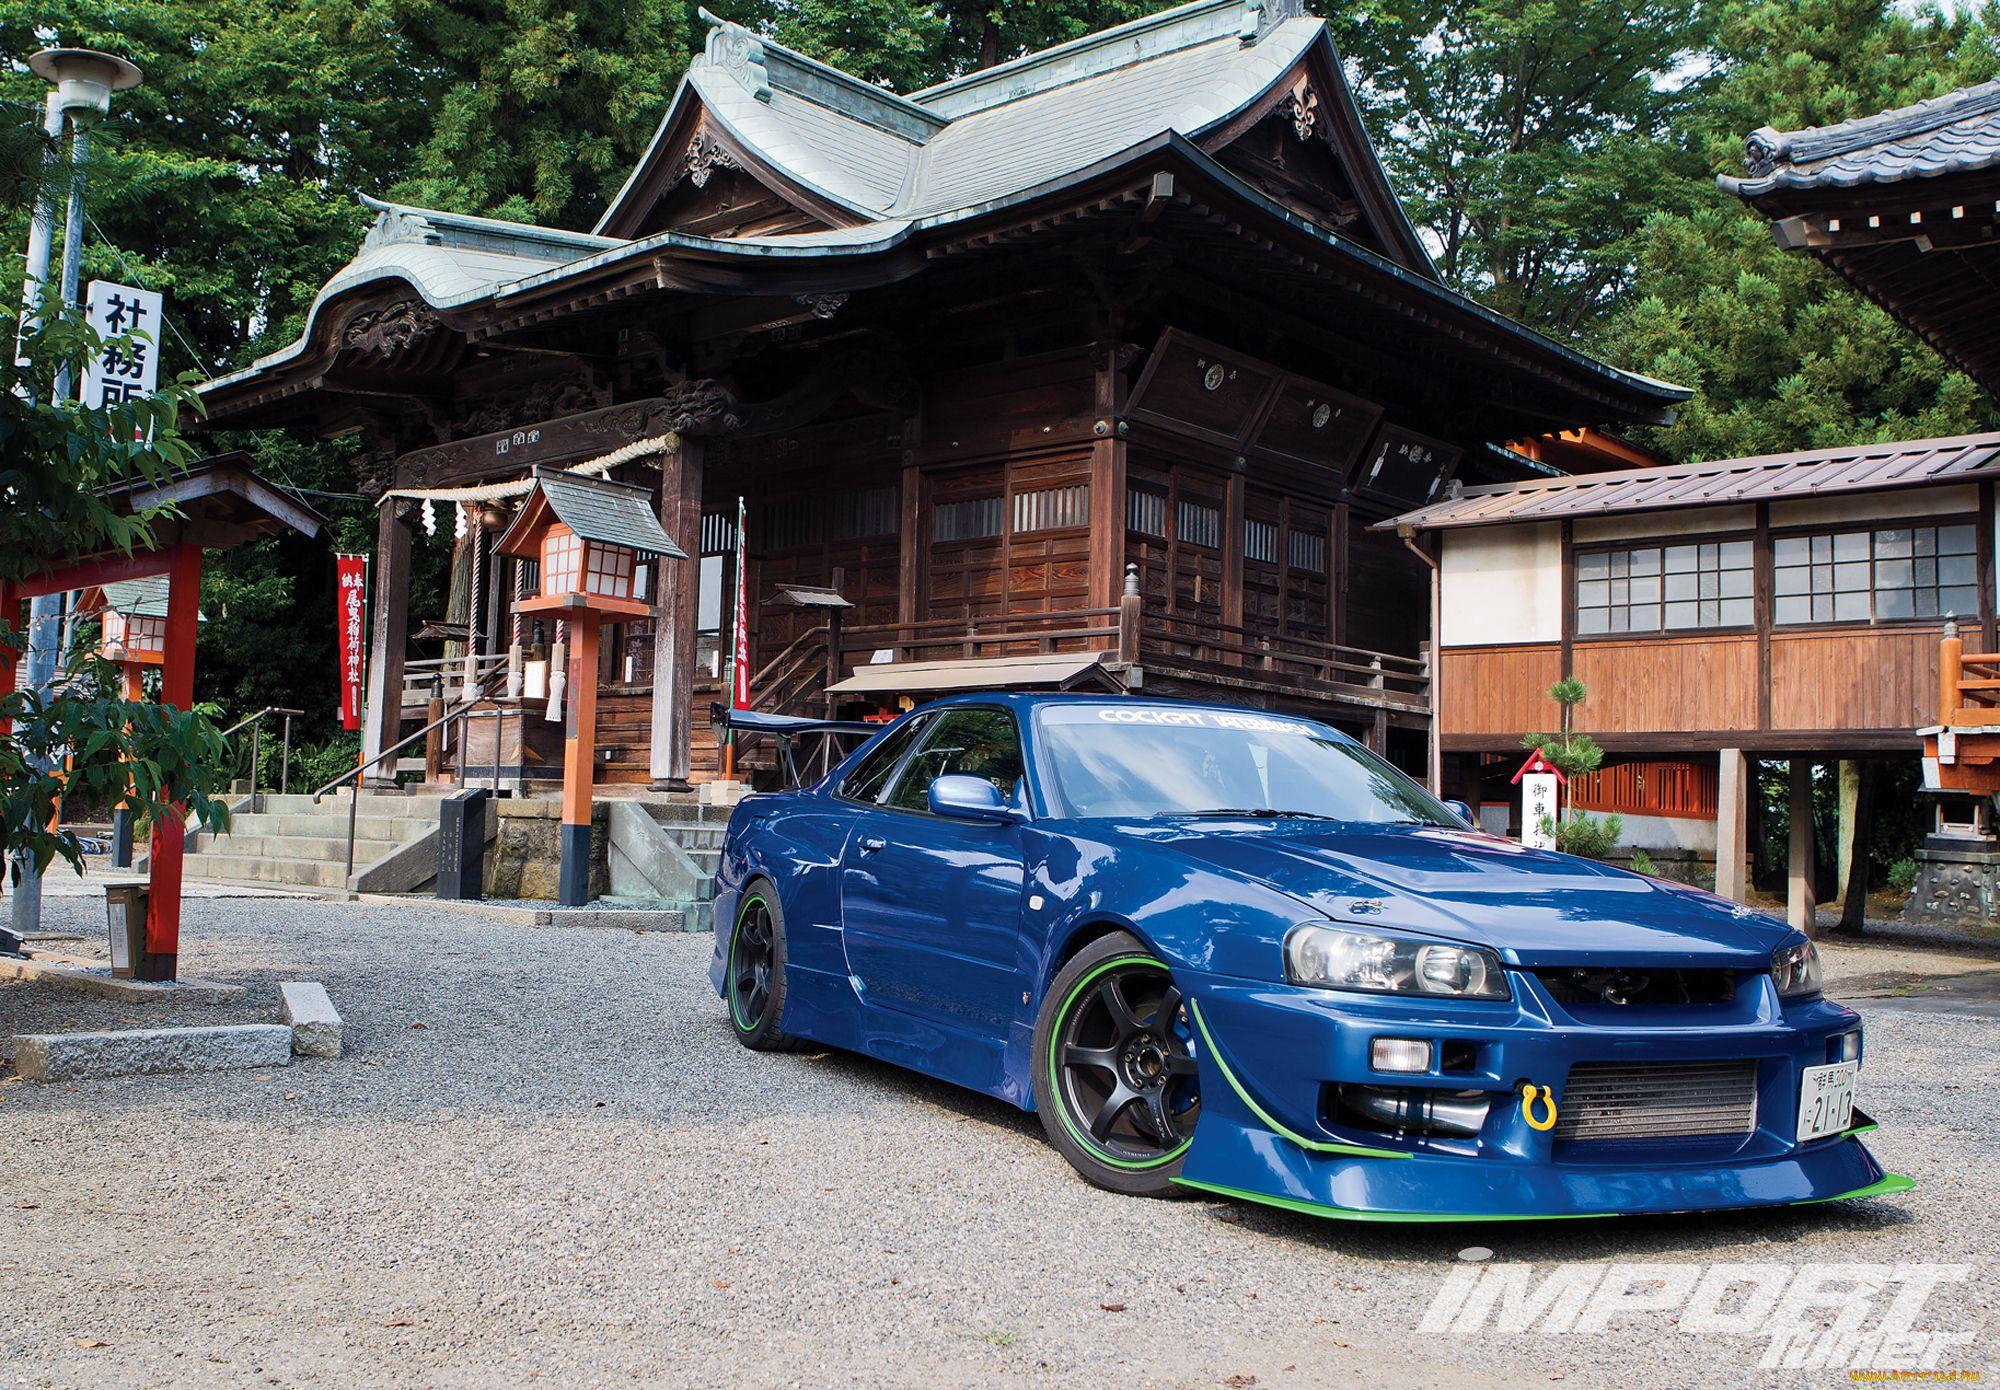 красивые машины в японии фото кусочек реальности